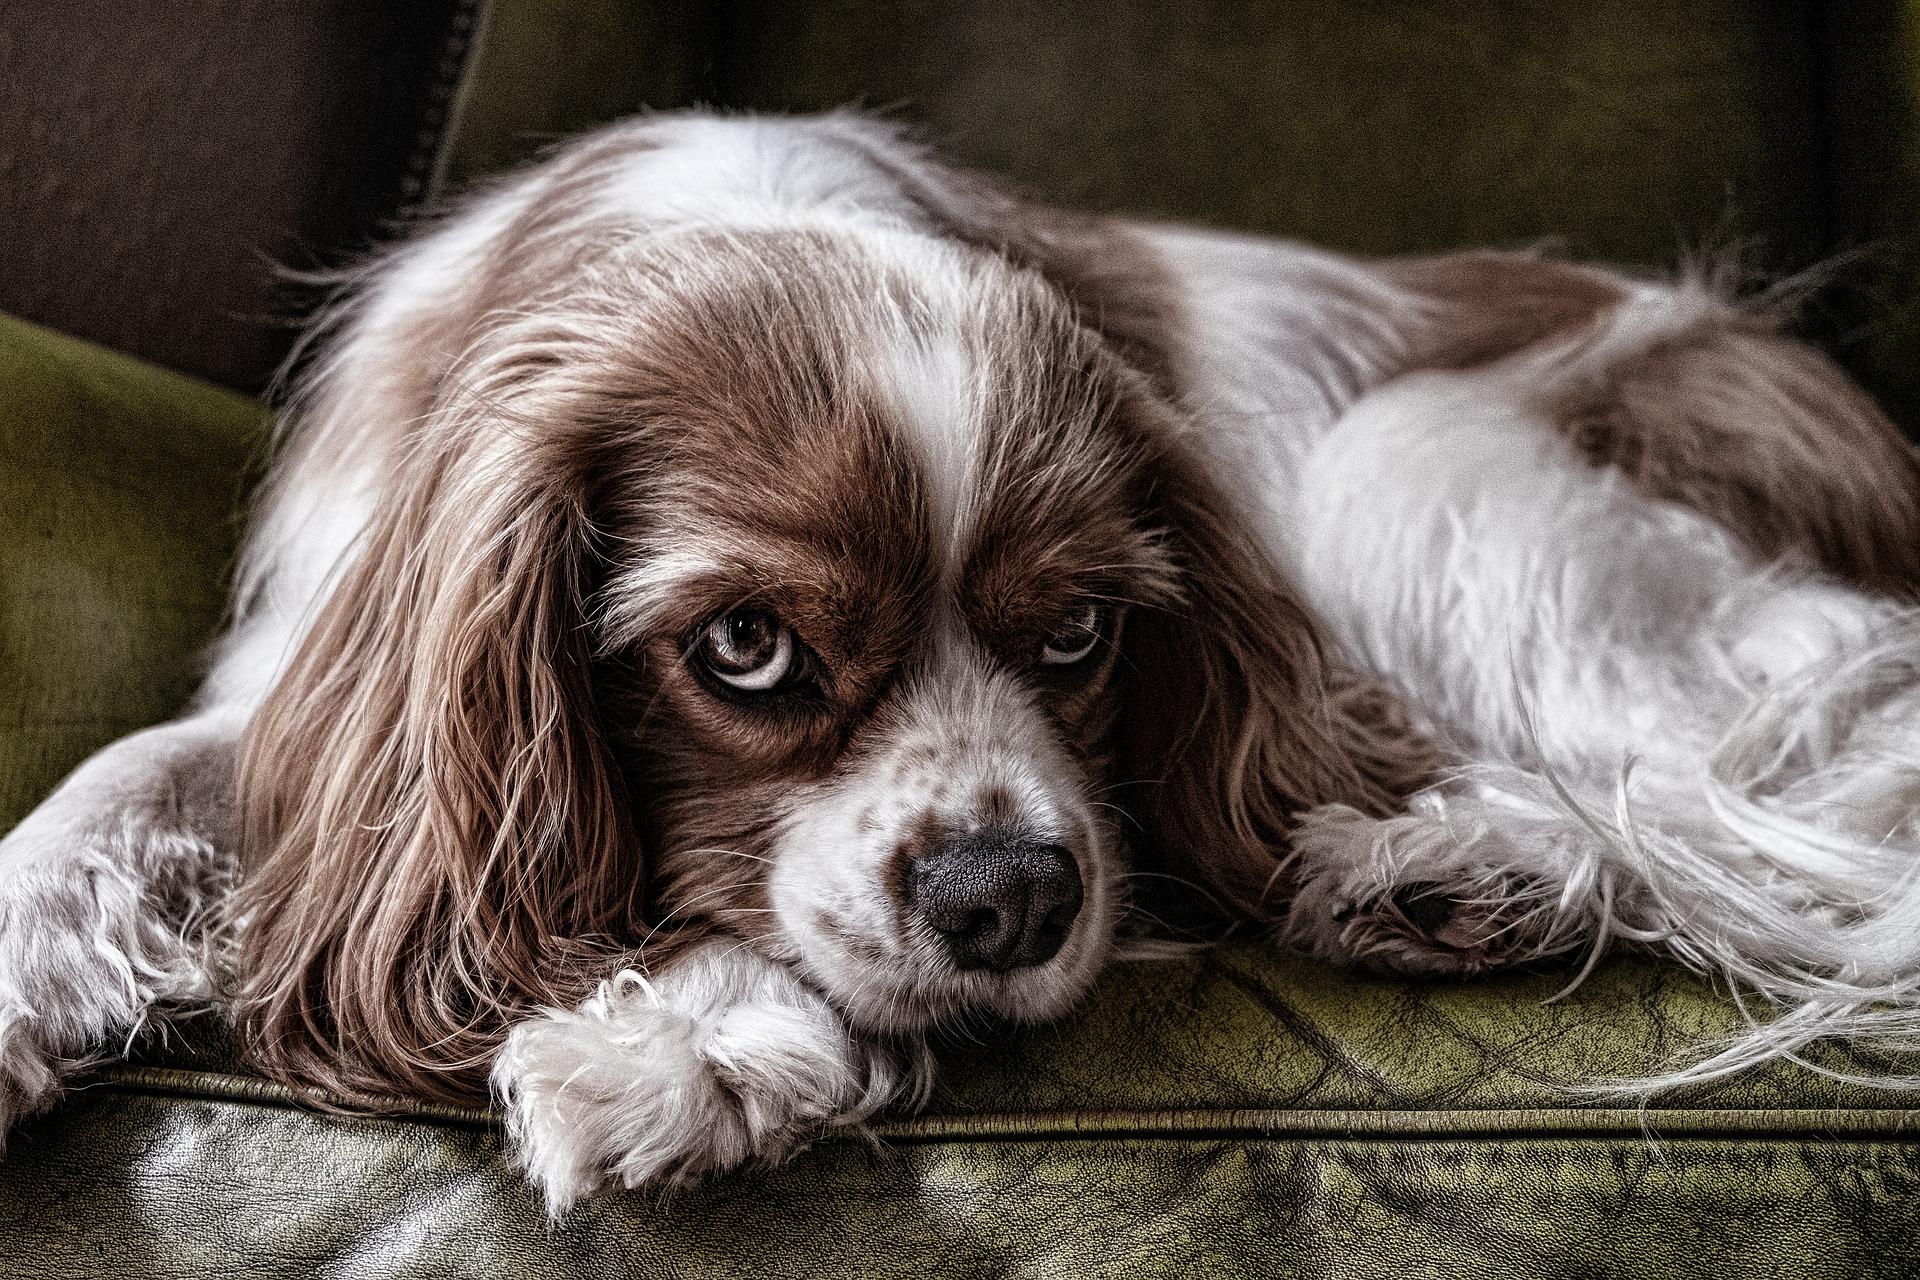 犬に血尿が!?血尿の原因から対策まで徹底して解説します